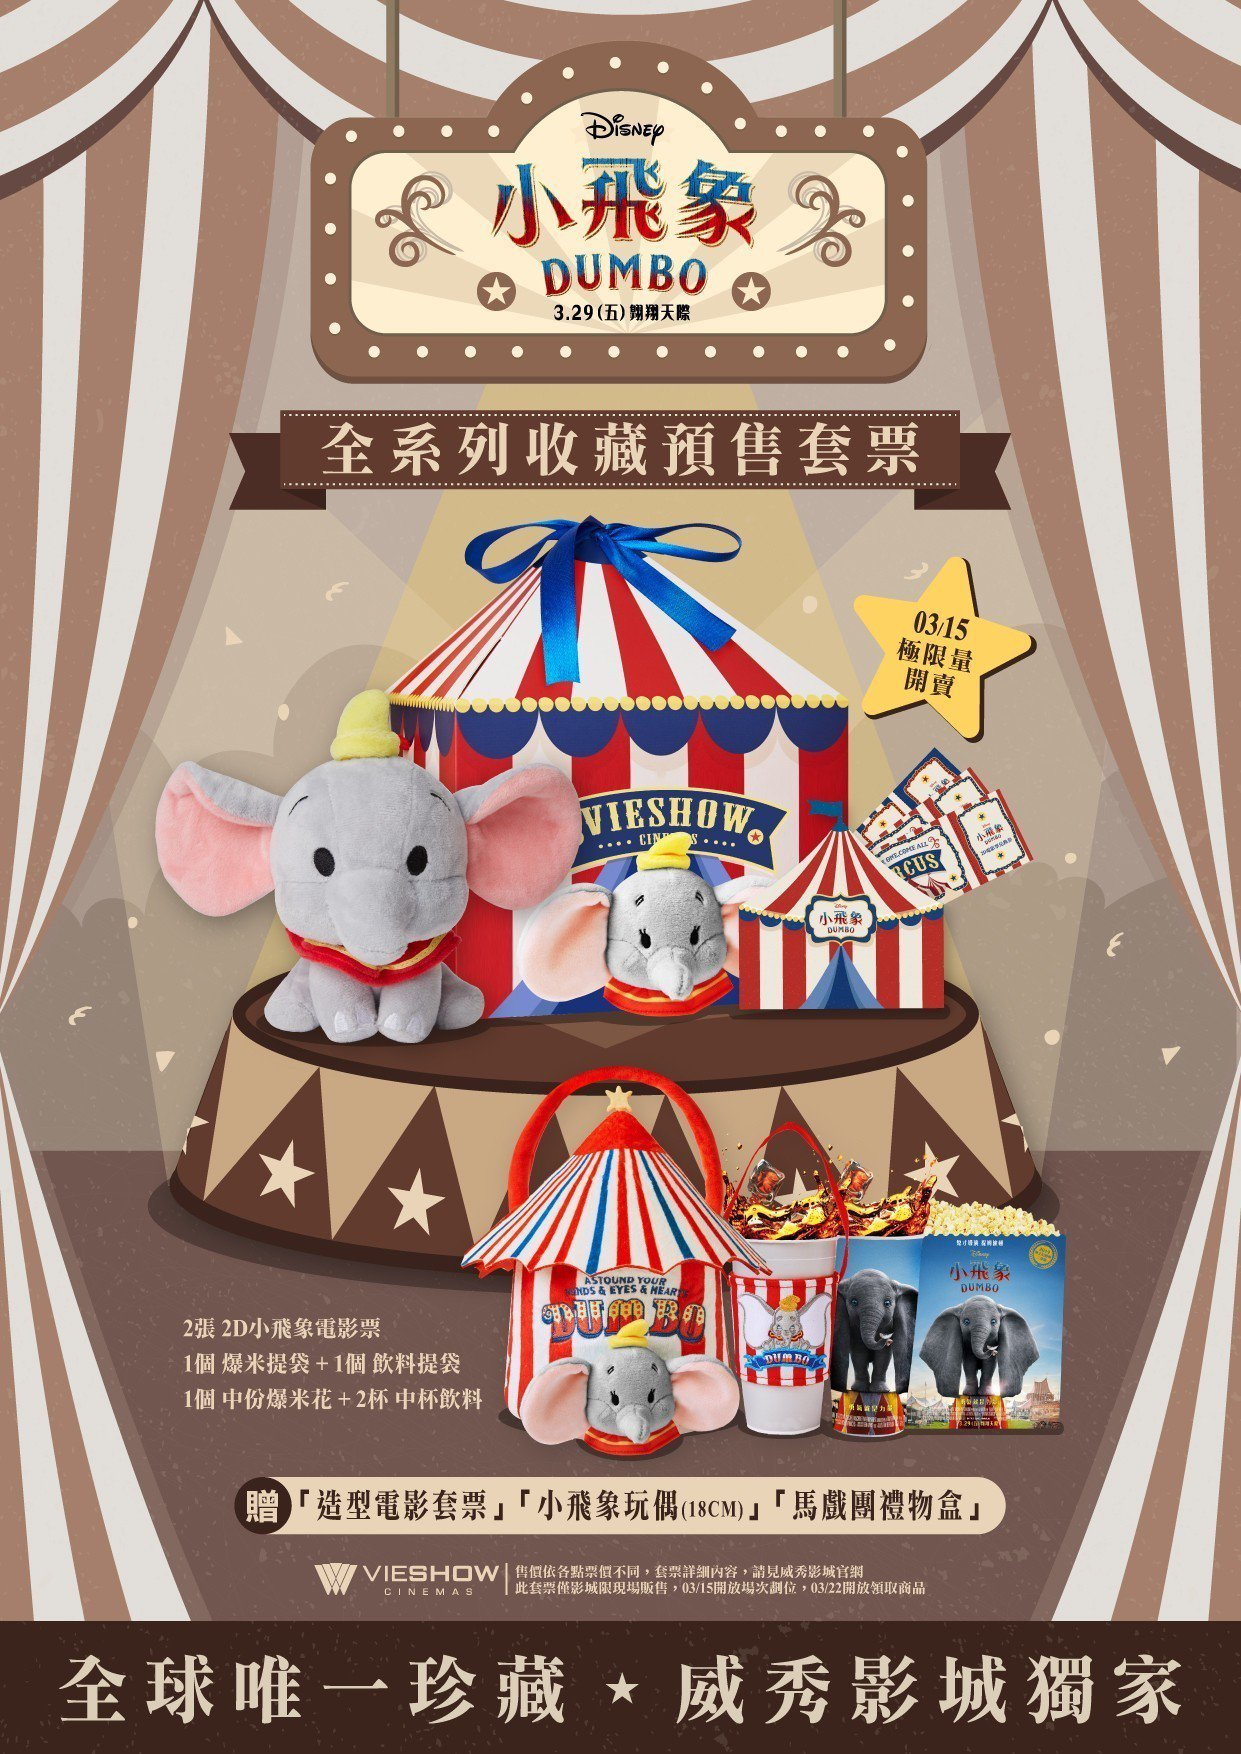 威秀影城獨家推出萌炸的小飛象全球獨家商品。圖/威秀影城提供